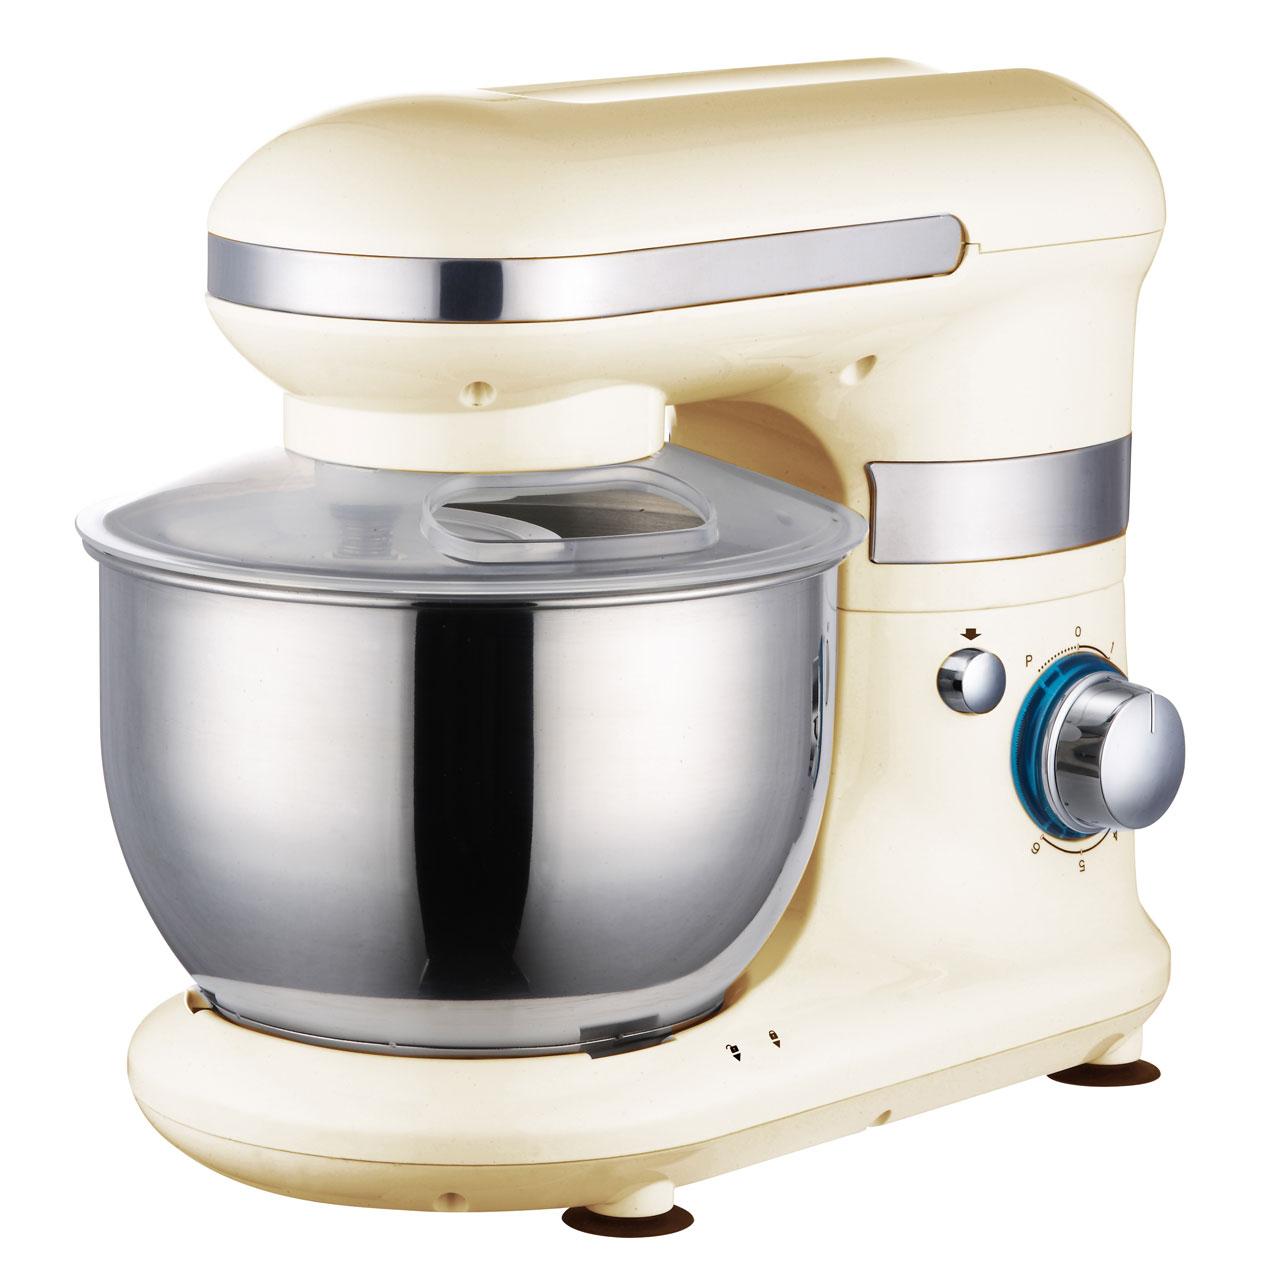 Kaiserchef Kc750 Pizza And Pasta Dough Maker Stand Mixer